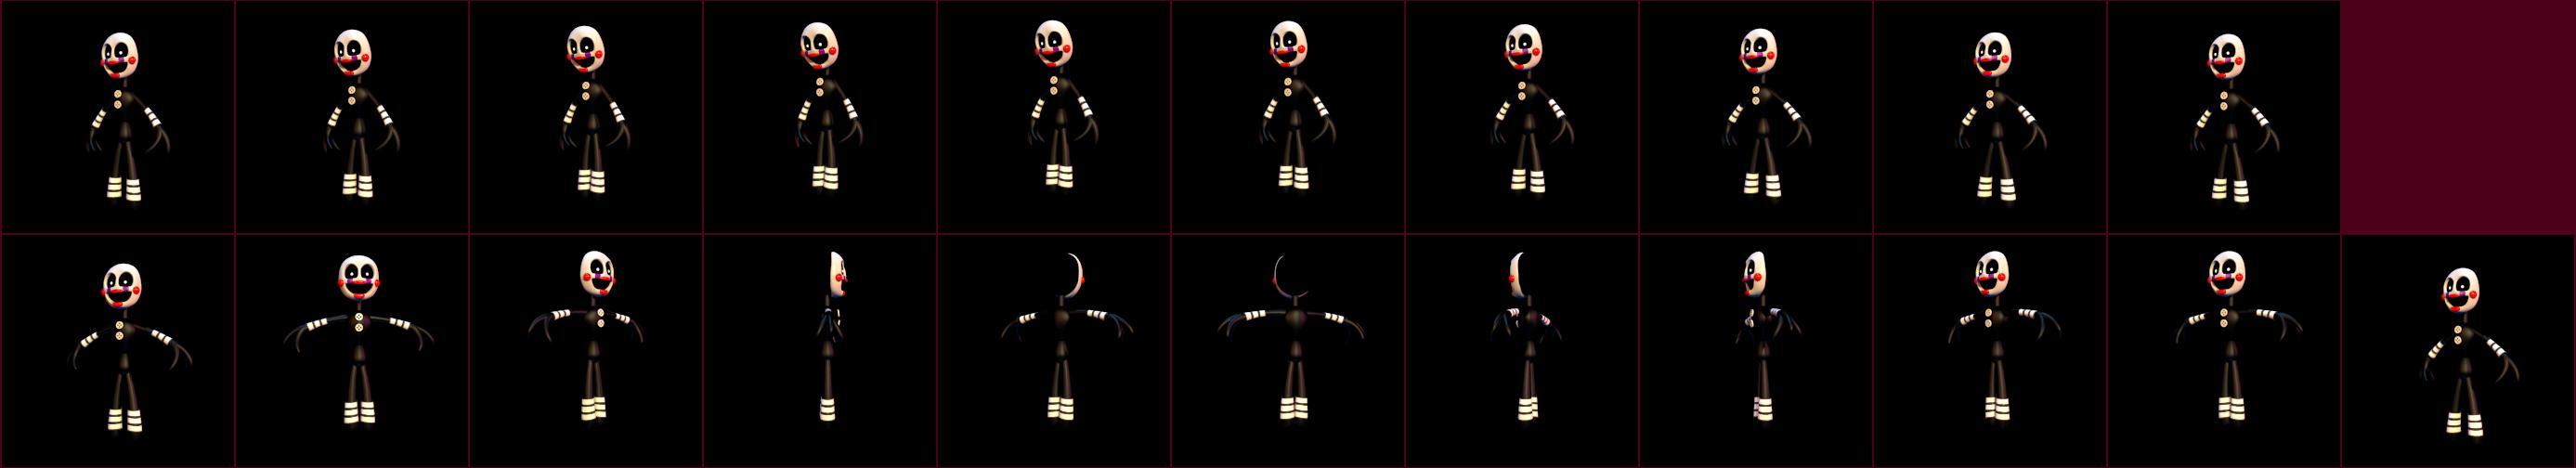 Images Of The Fnaf Marionette